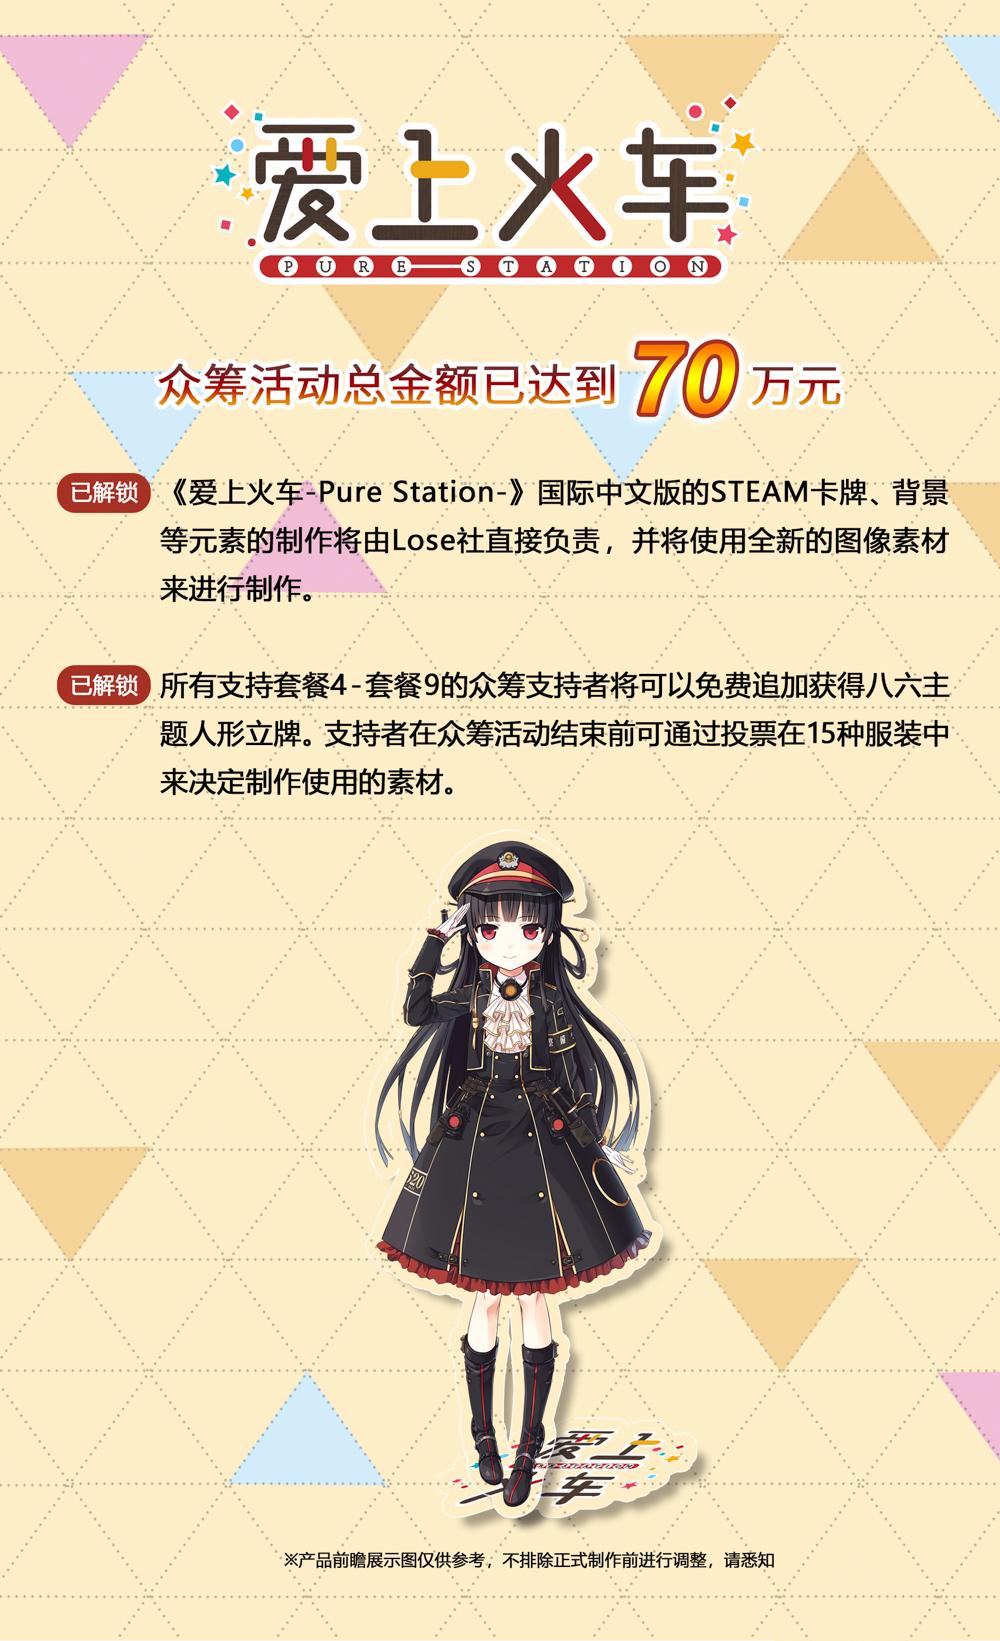 70万-火车贺图.jpg